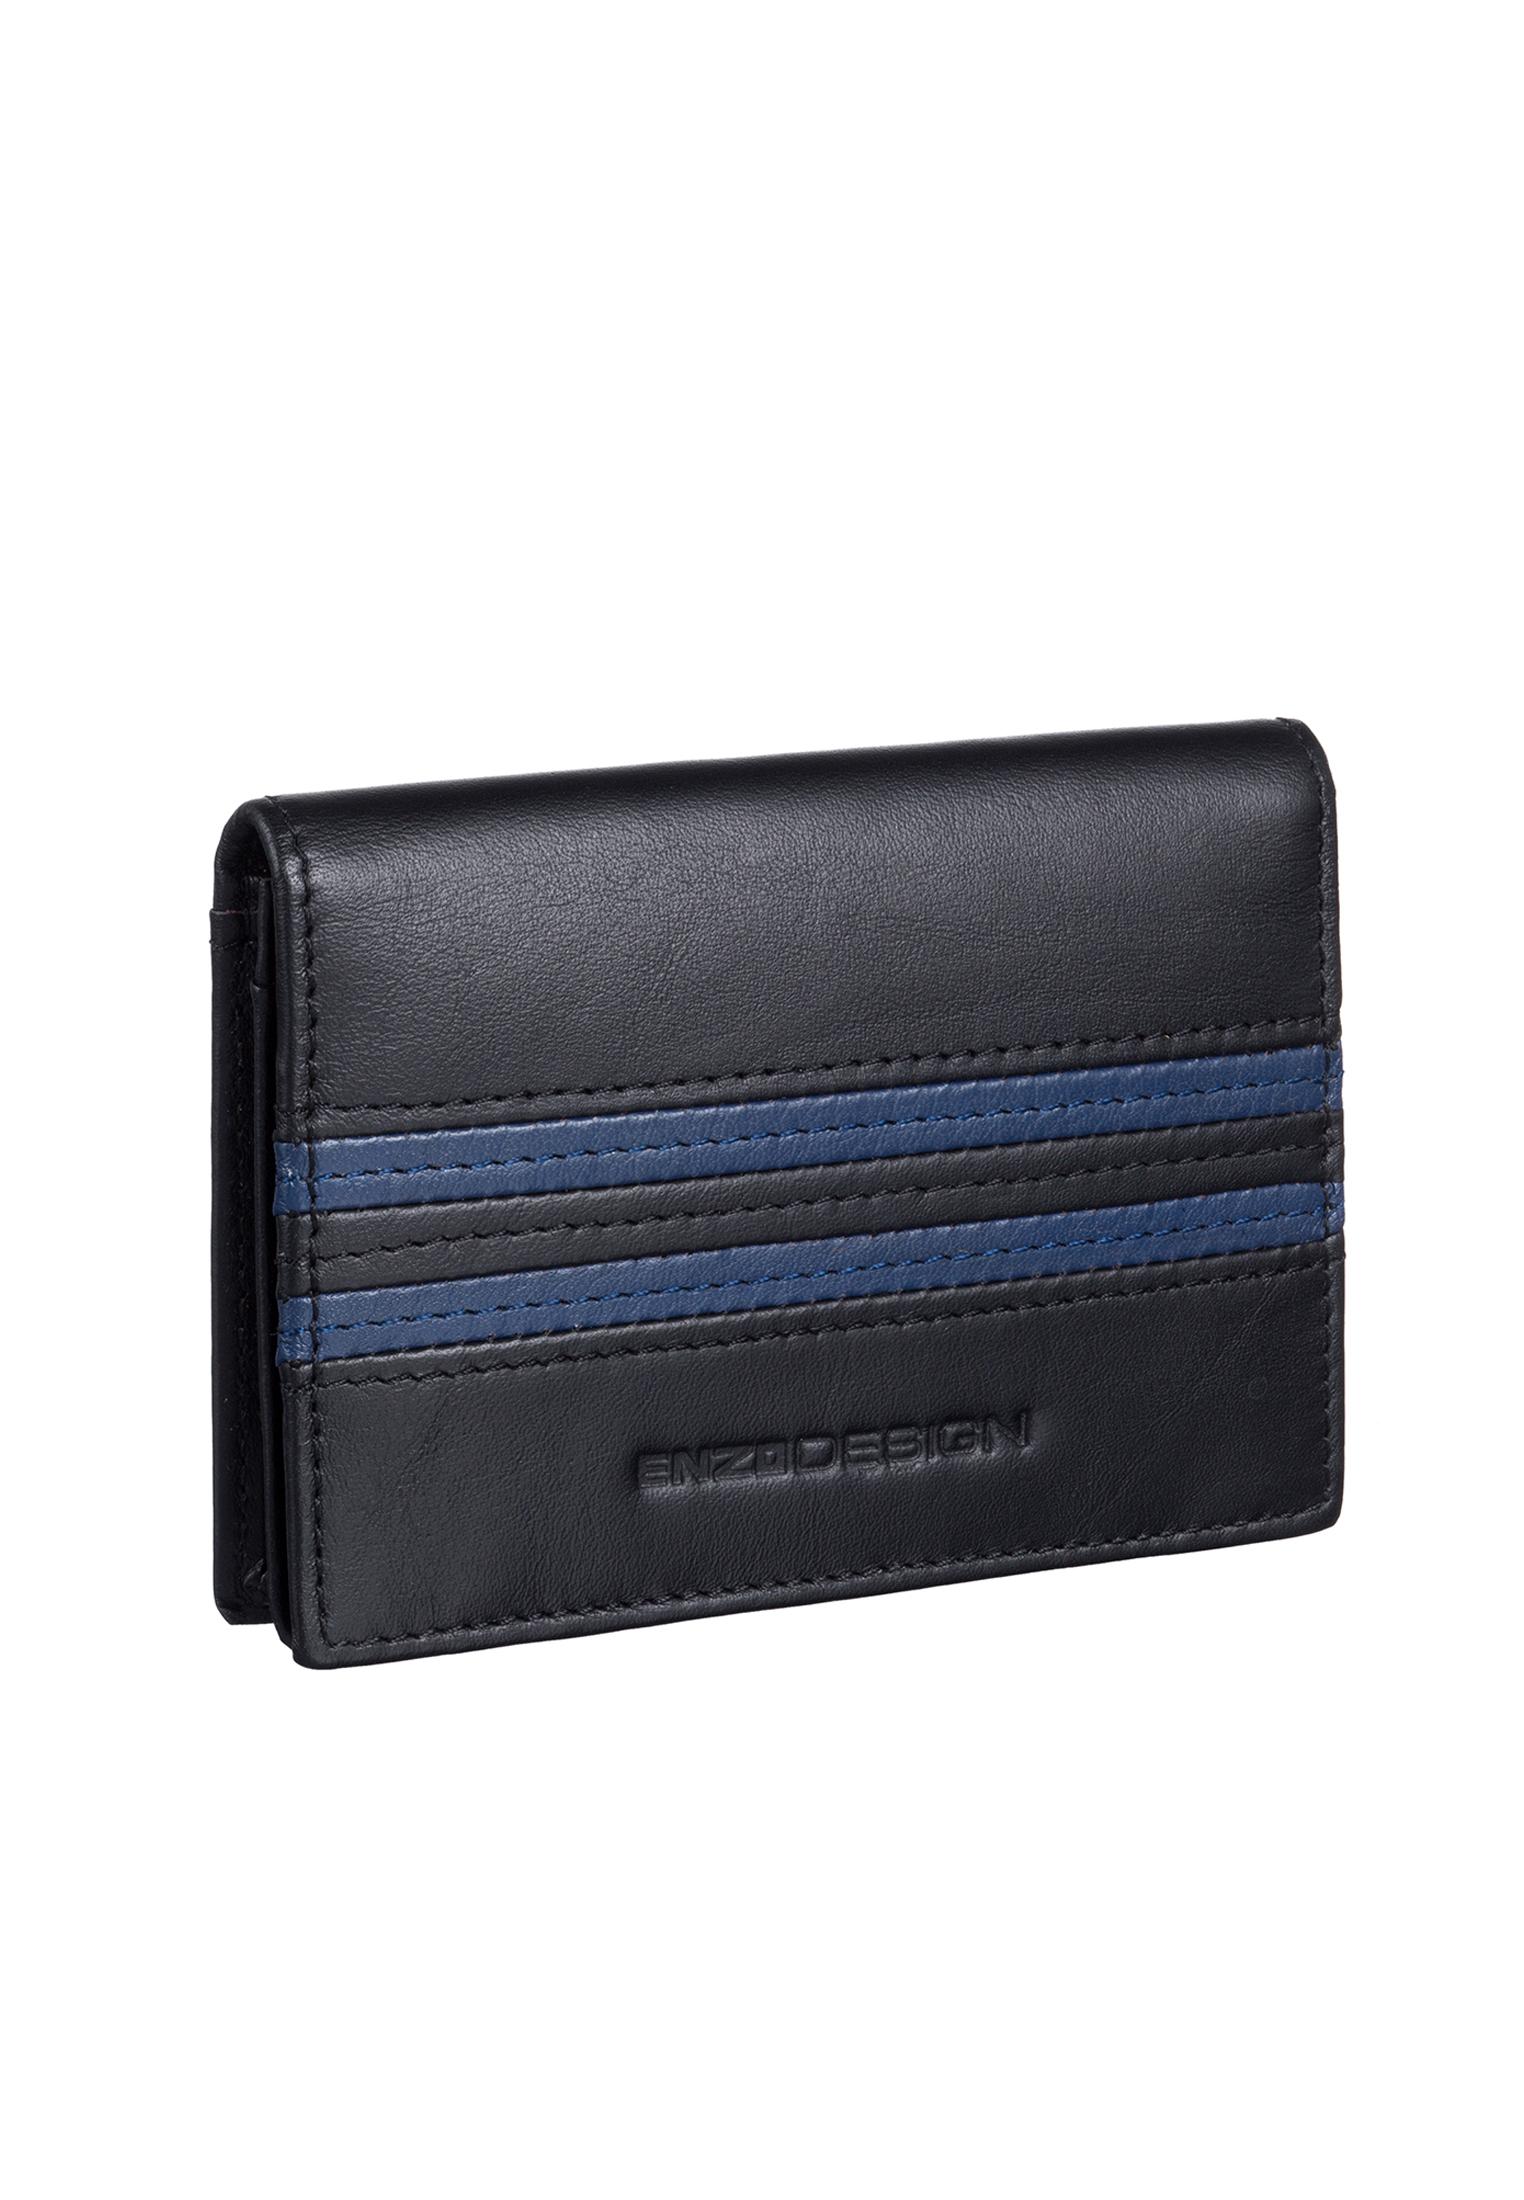 Streetsmart Leather Business Card Holder Y-BLK/BLU